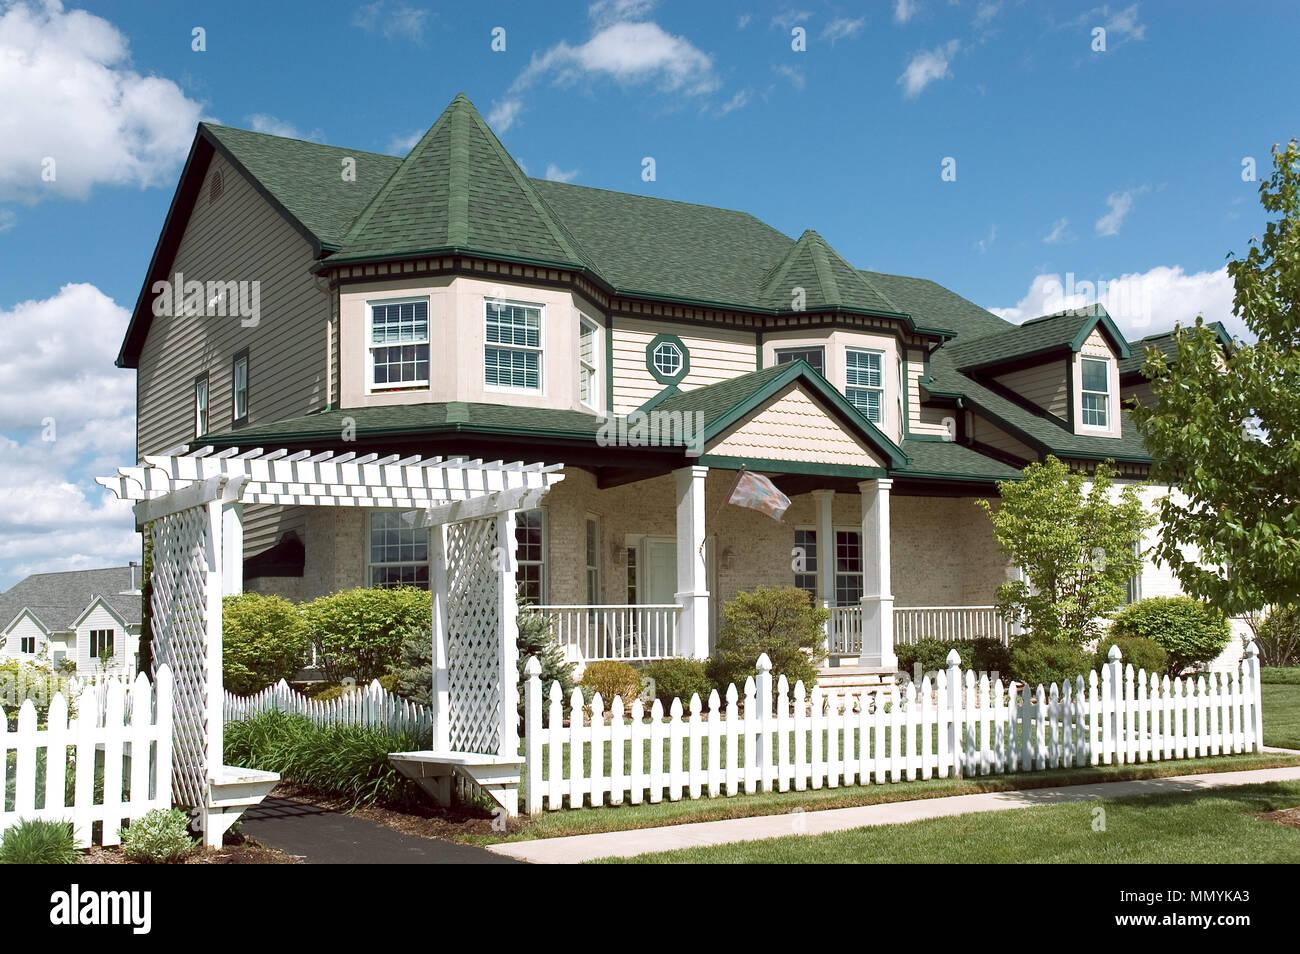 neues haus mit einem viktorianischen geschmack architektur nur eine von vielen neuen haus